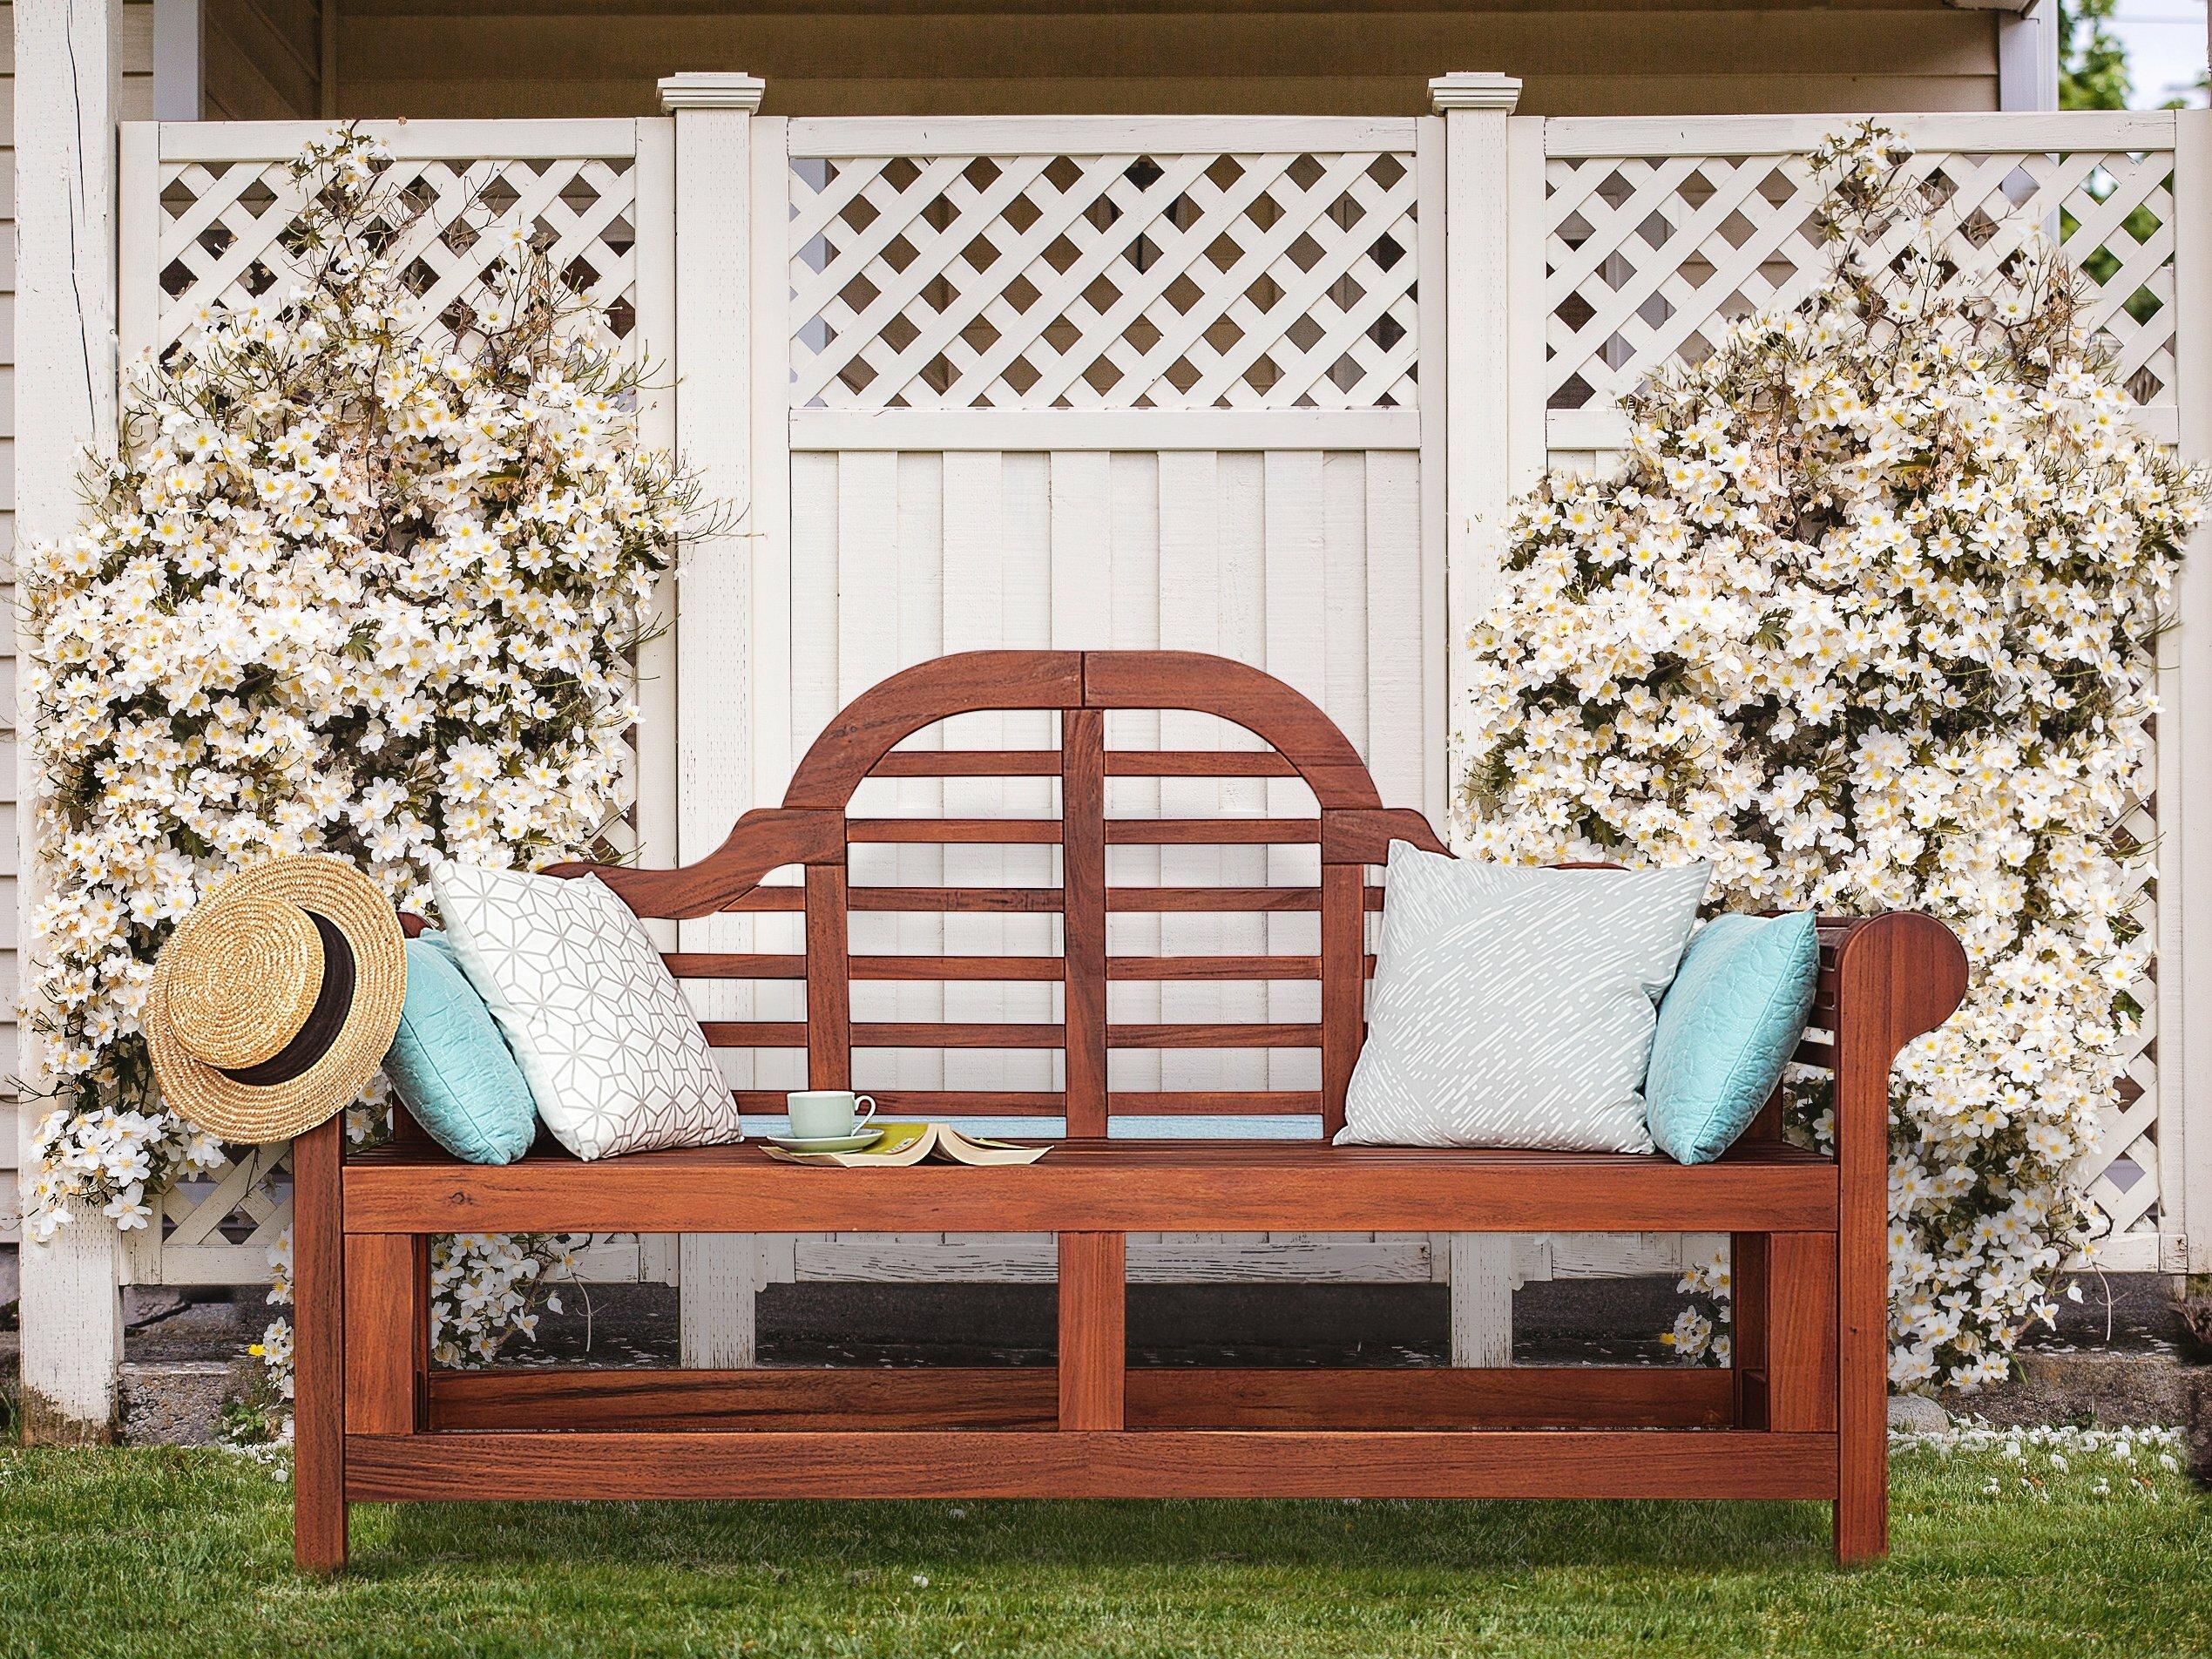 Surprising Shelbie Garden Bench Machost Co Dining Chair Design Ideas Machostcouk